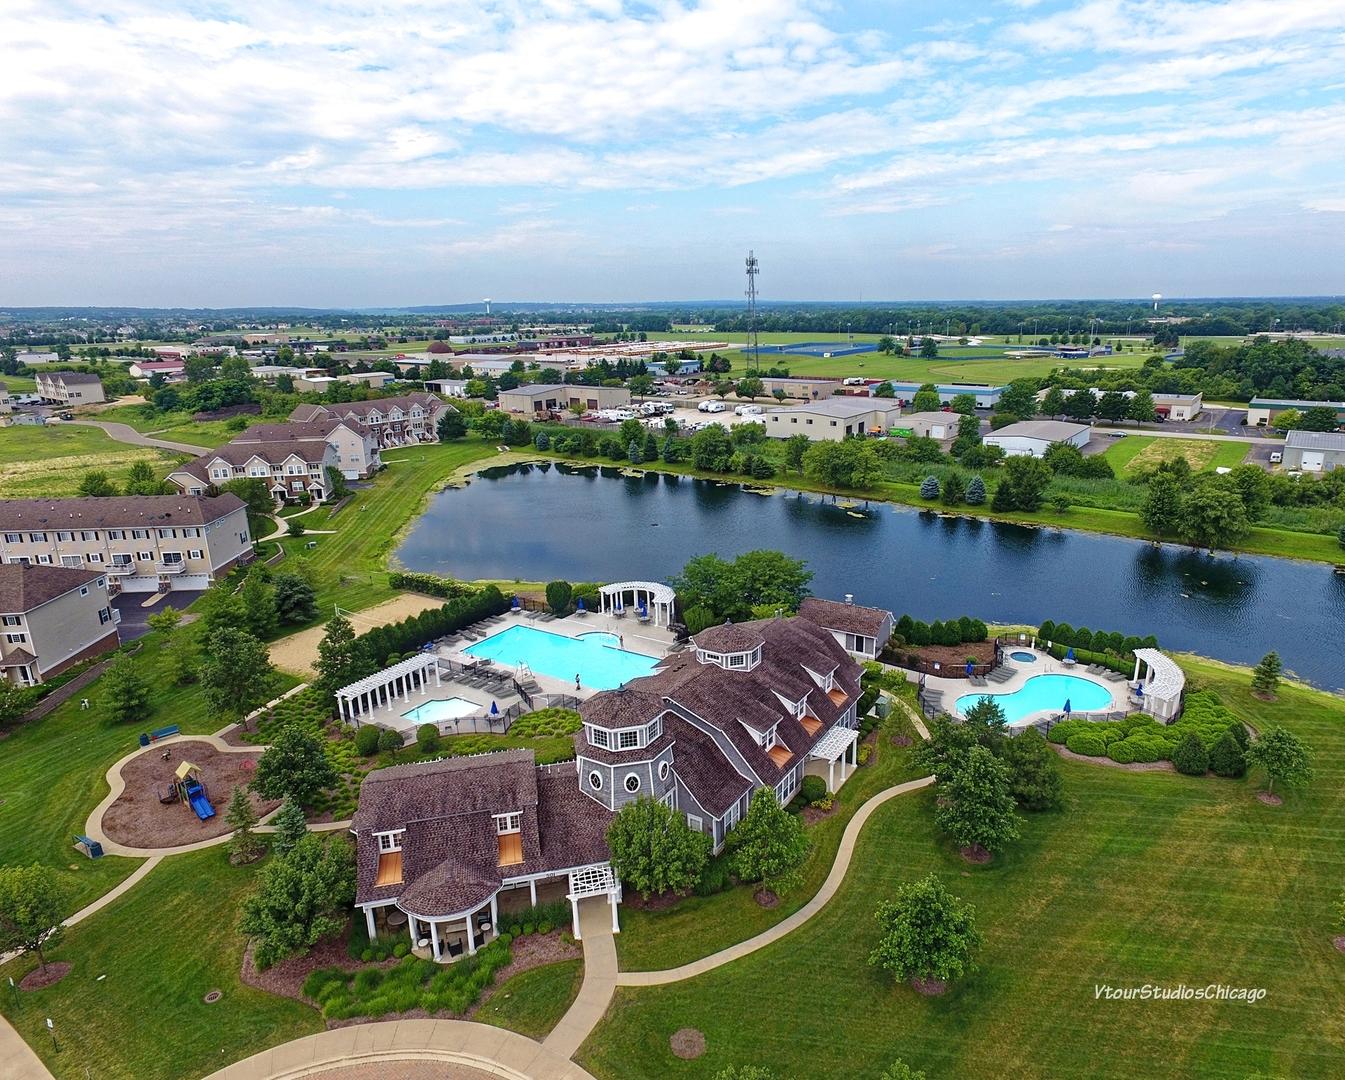 706 Springside, Oswego, Illinois, 60543